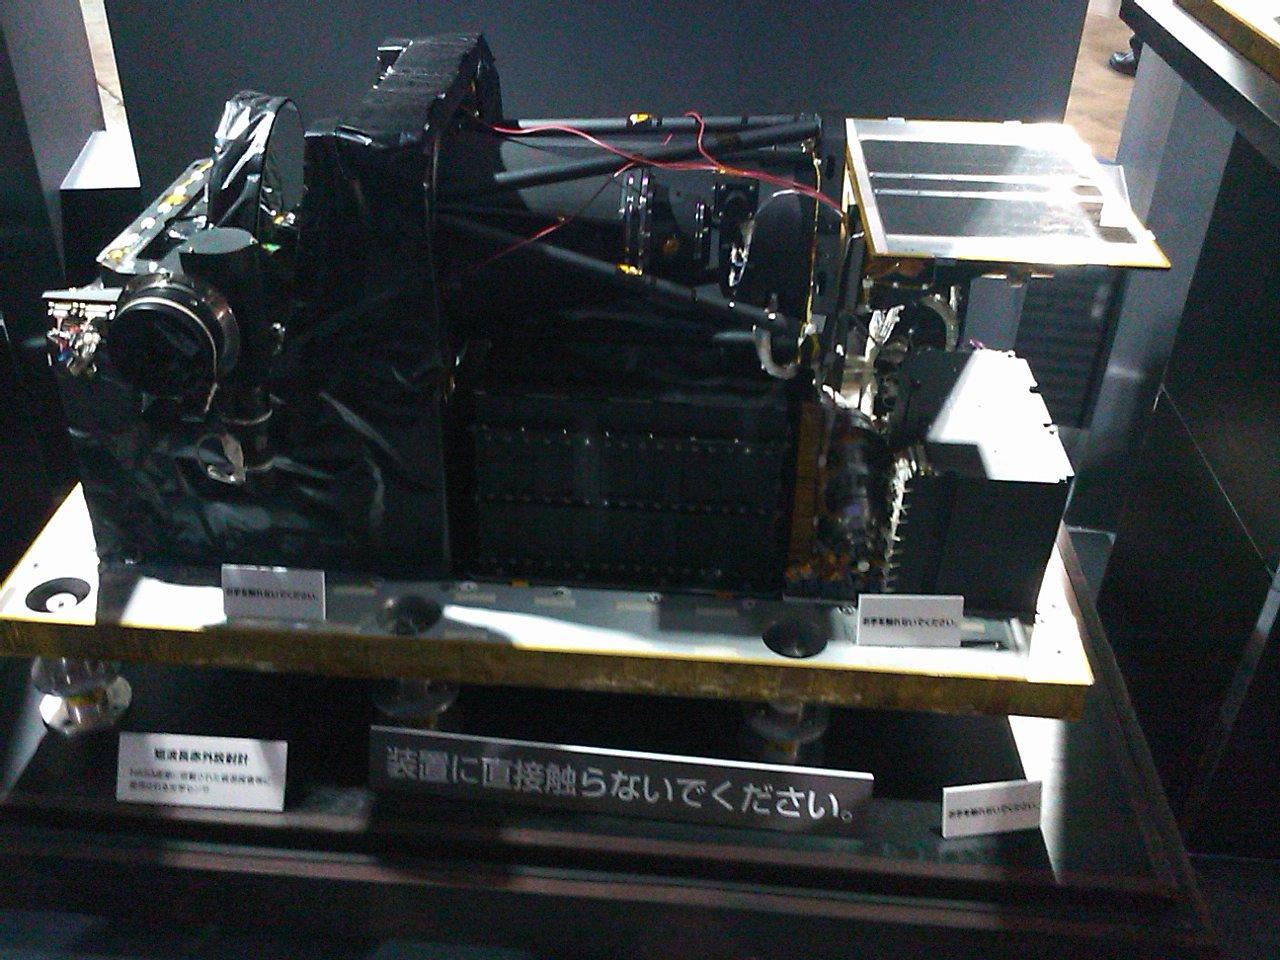 Sn3n0012